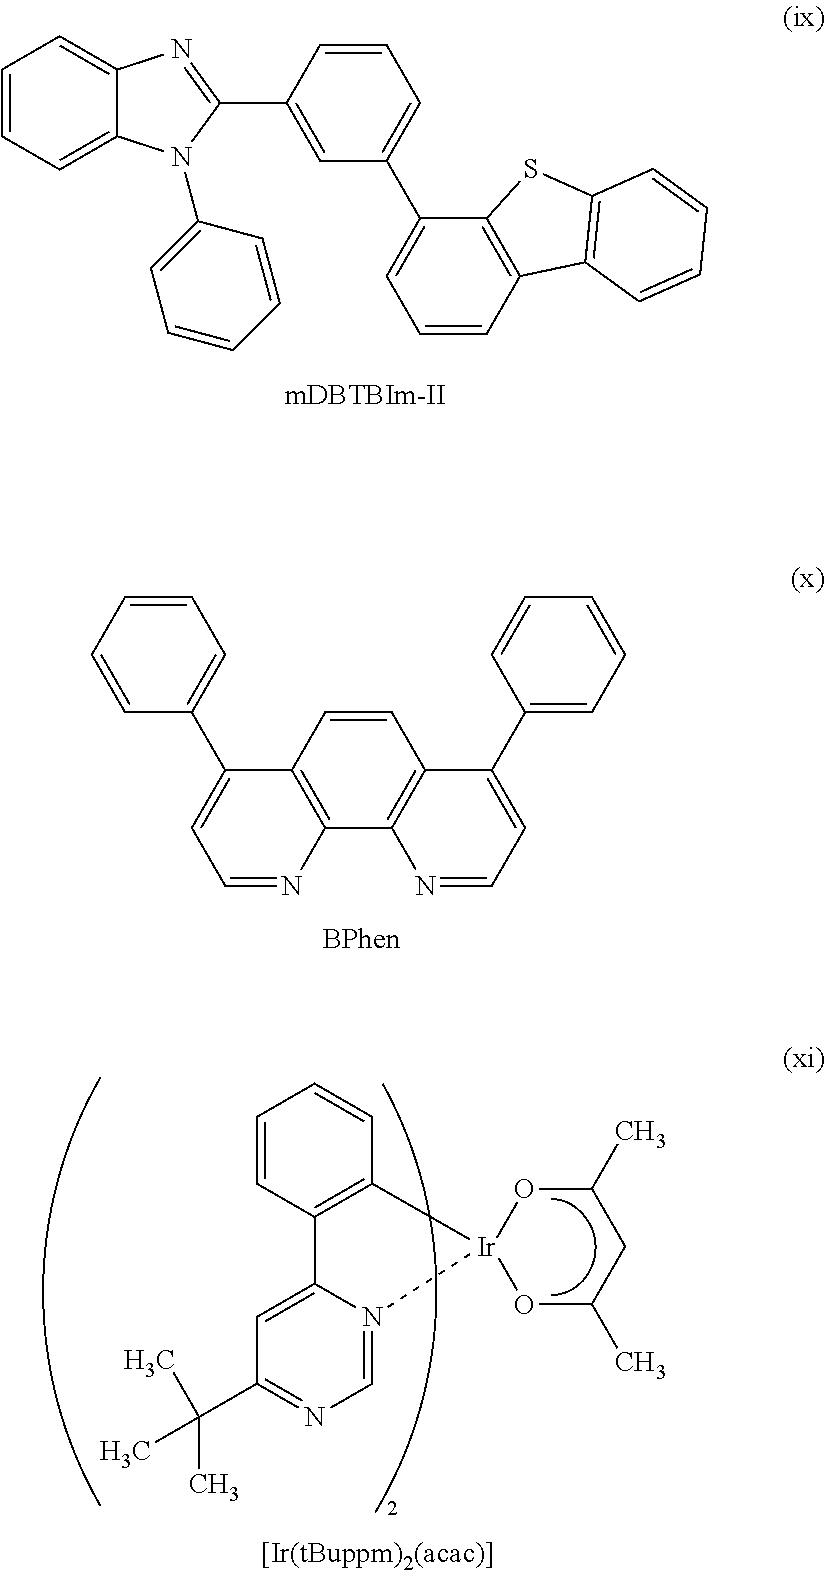 Figure US10121984-20181106-C00006